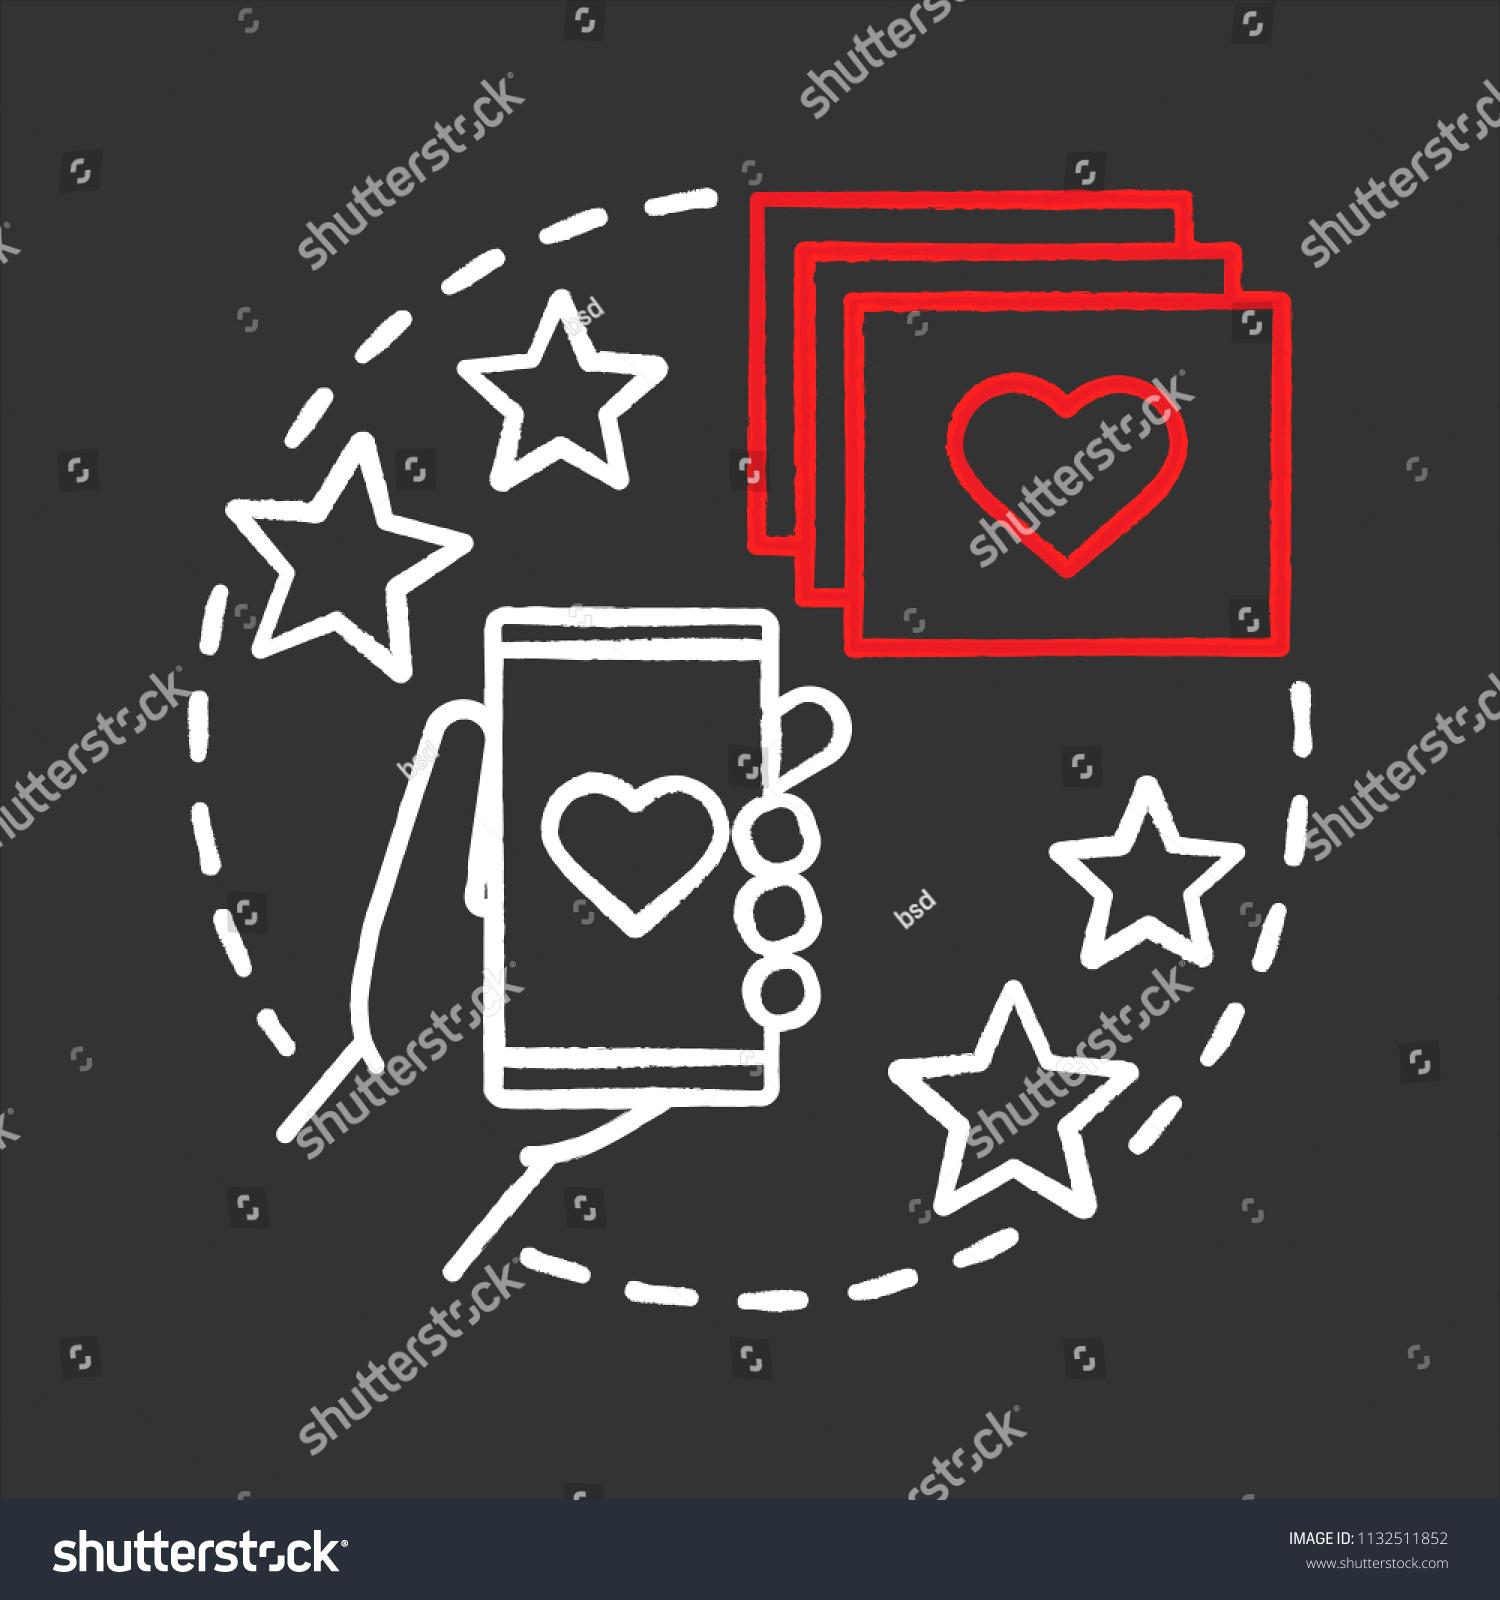 Beste online-dating-sites 2020 reddit